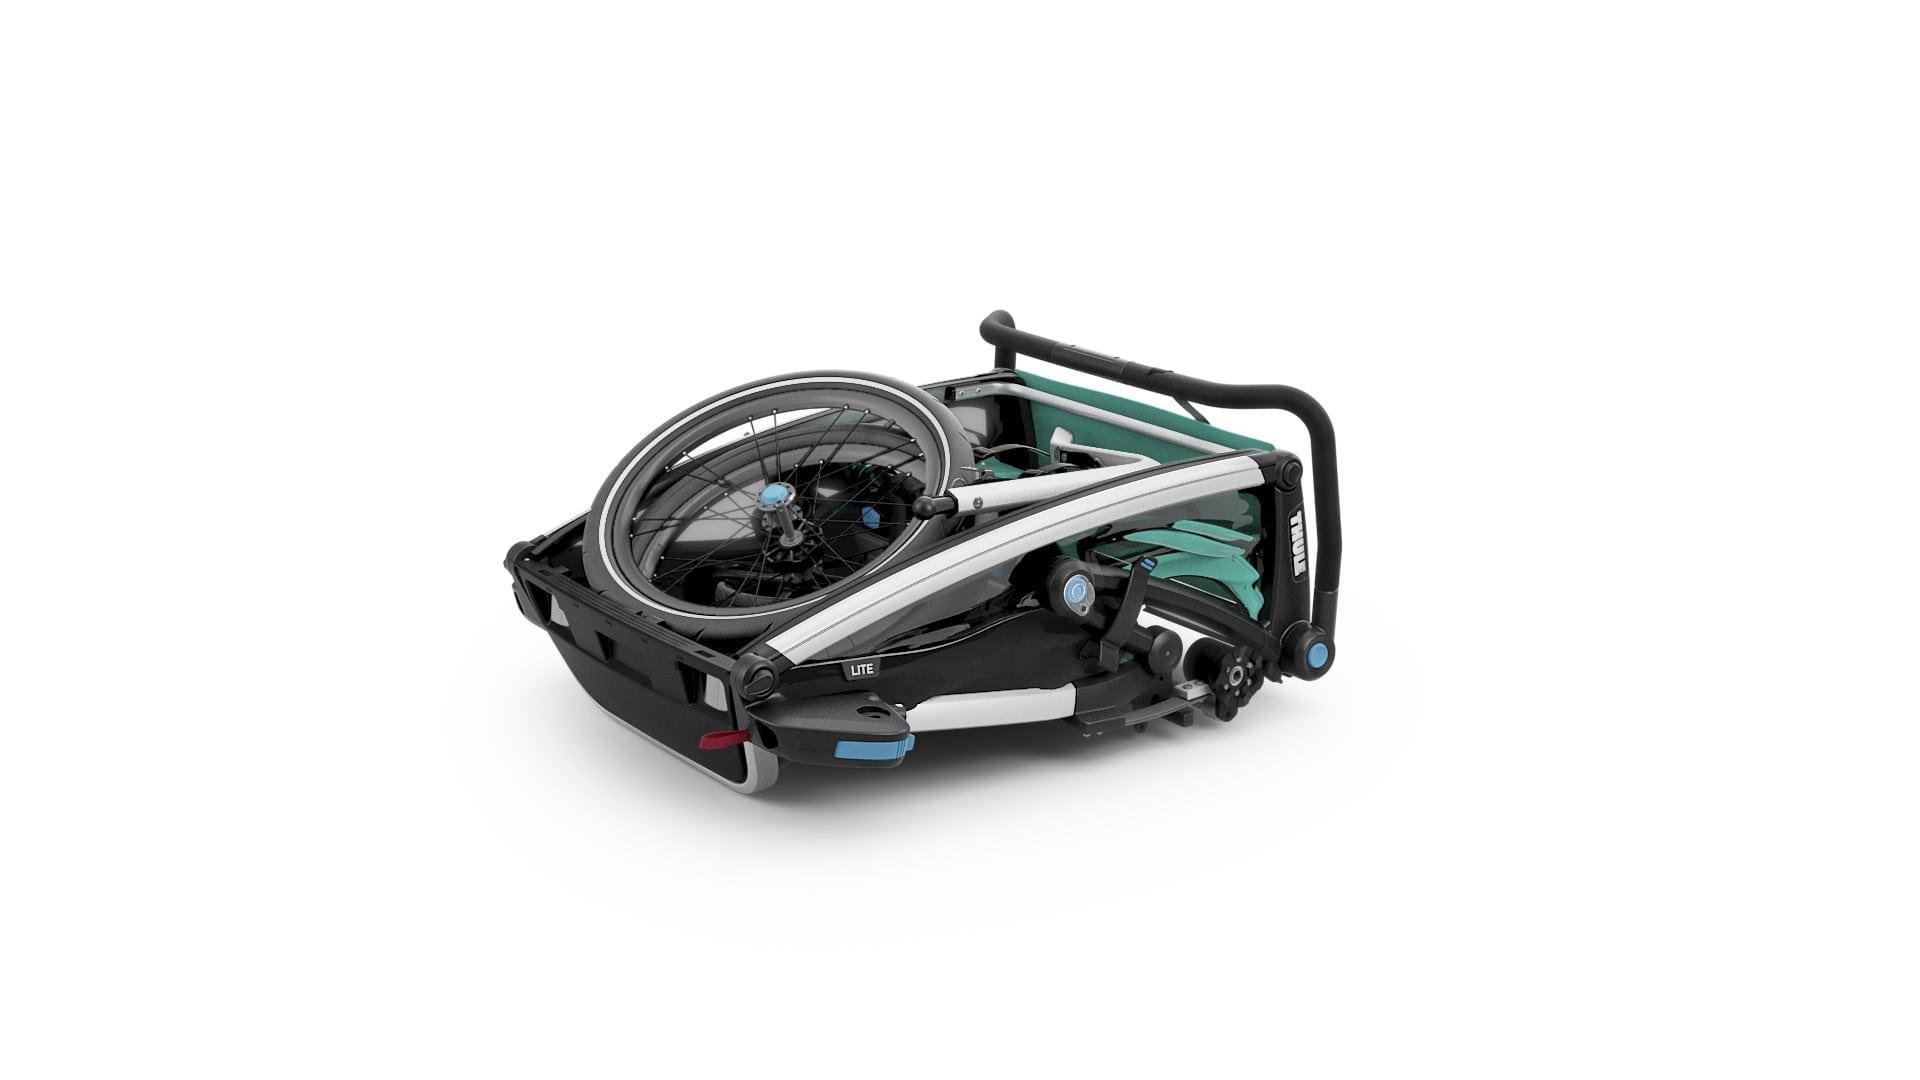 Thule lite 2 złożona - Wypożyczalnia przyczepek rowerowych Itinere